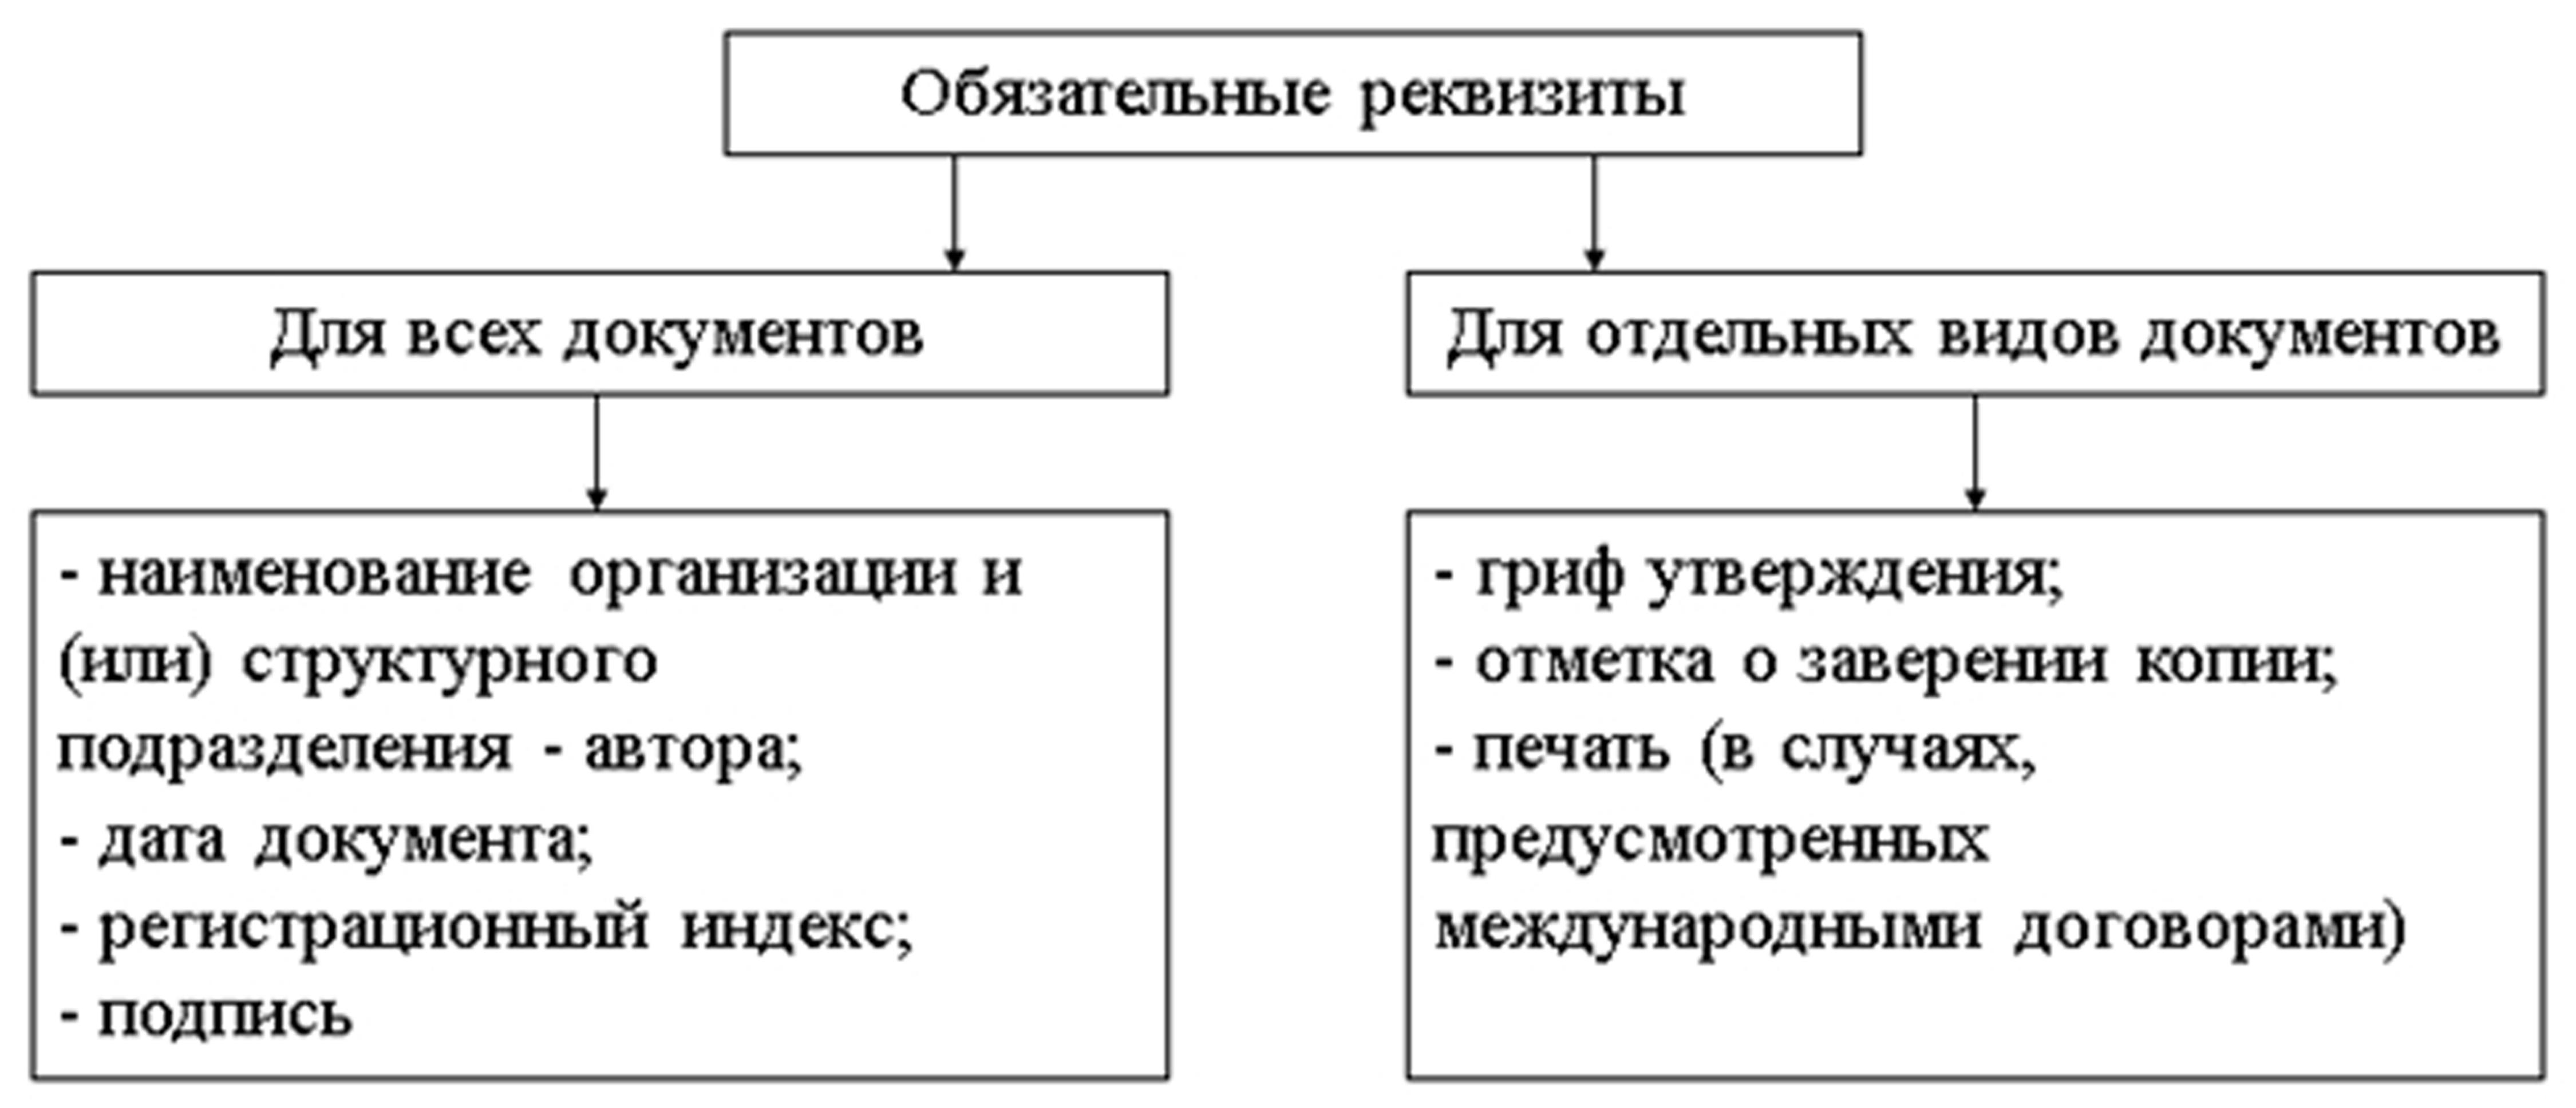 Бланк договора купли продажи транспорта средства